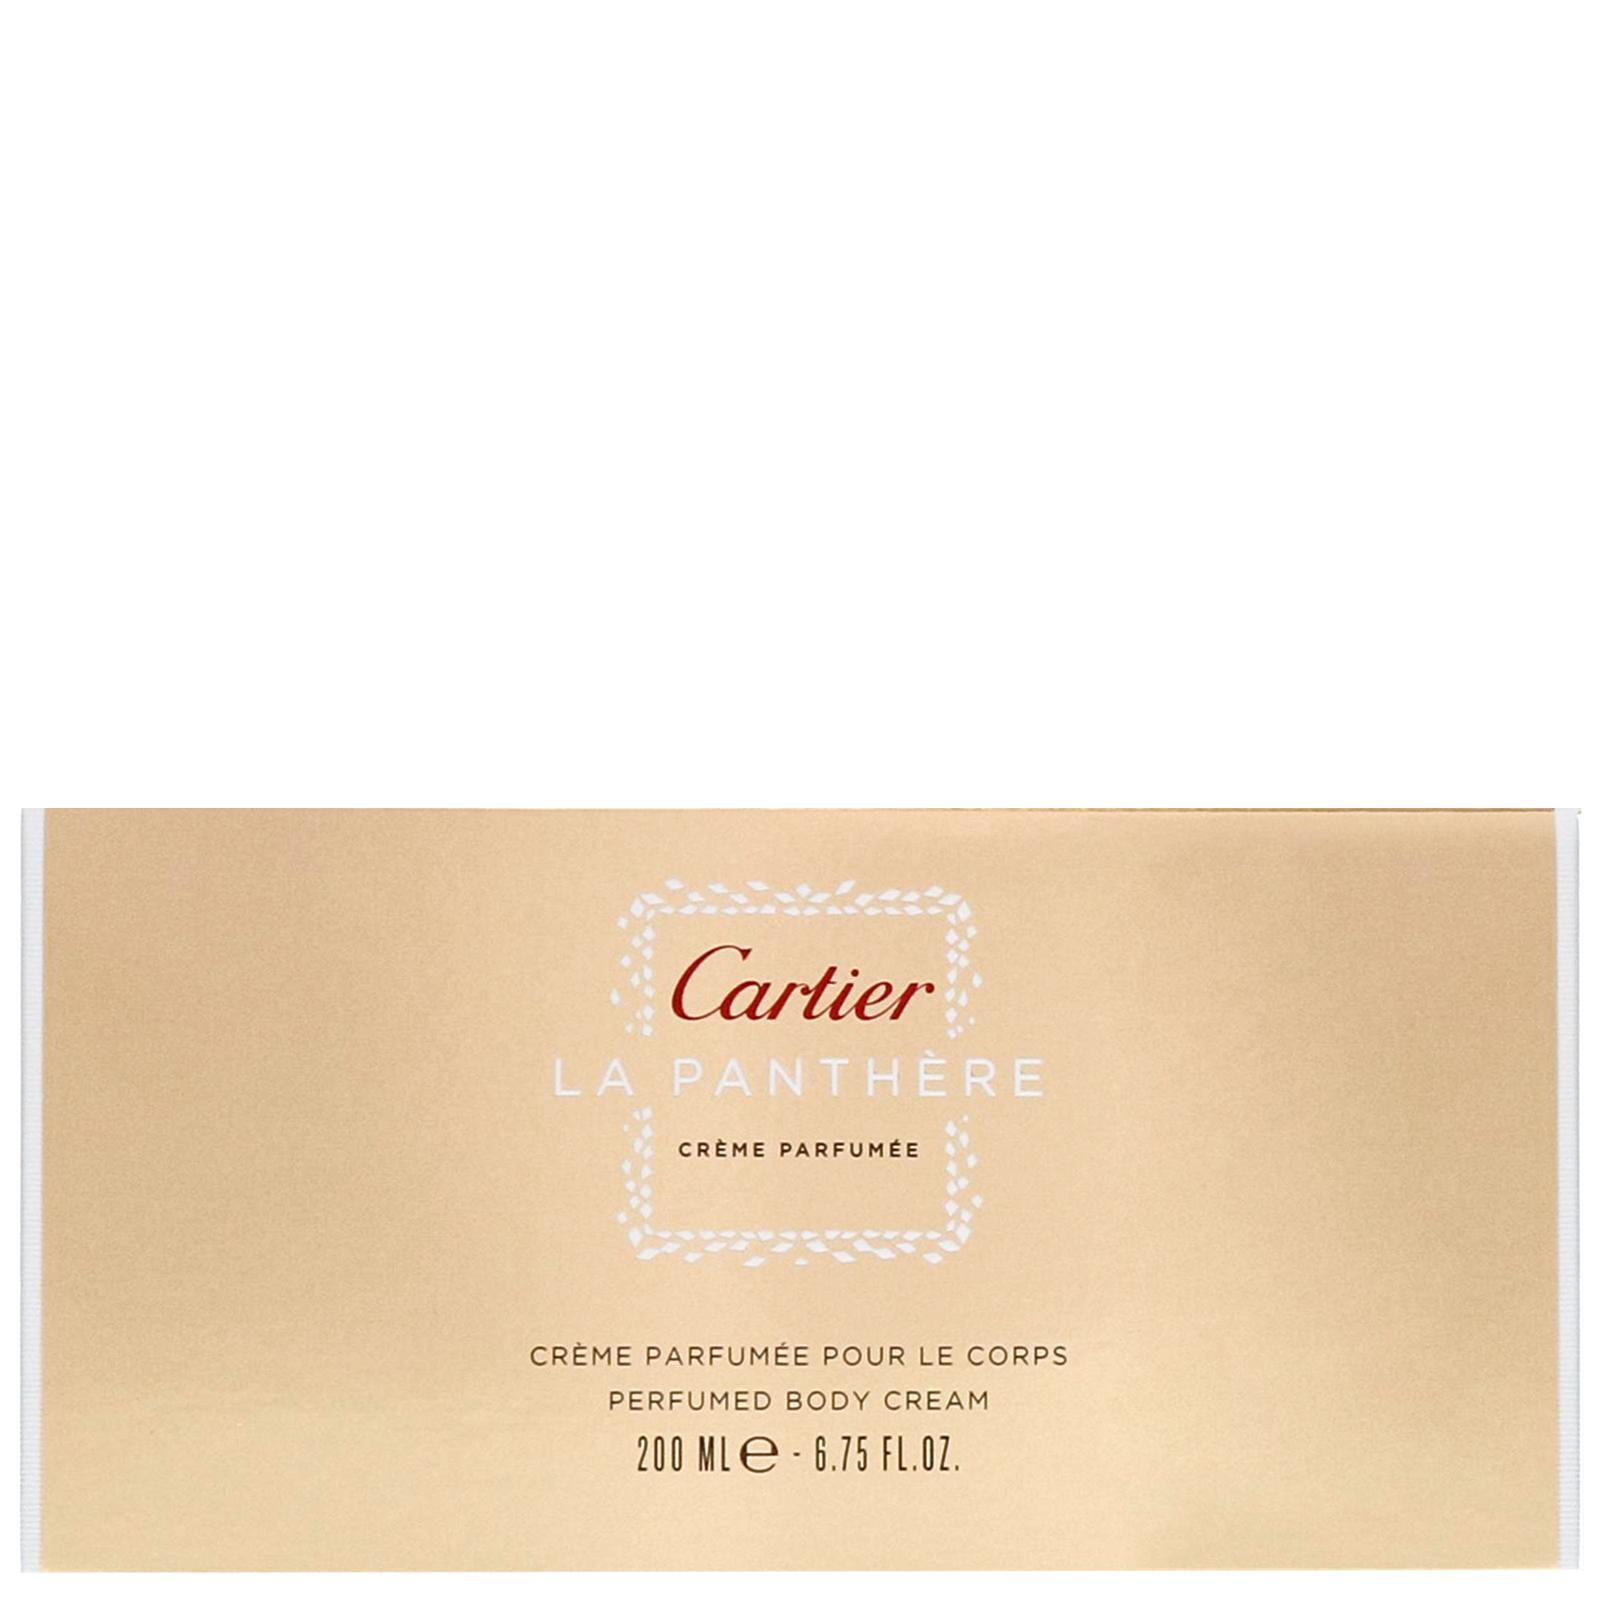 Cartier La Panthère Creme Parfumèe Pour Le Corps - 200 ml